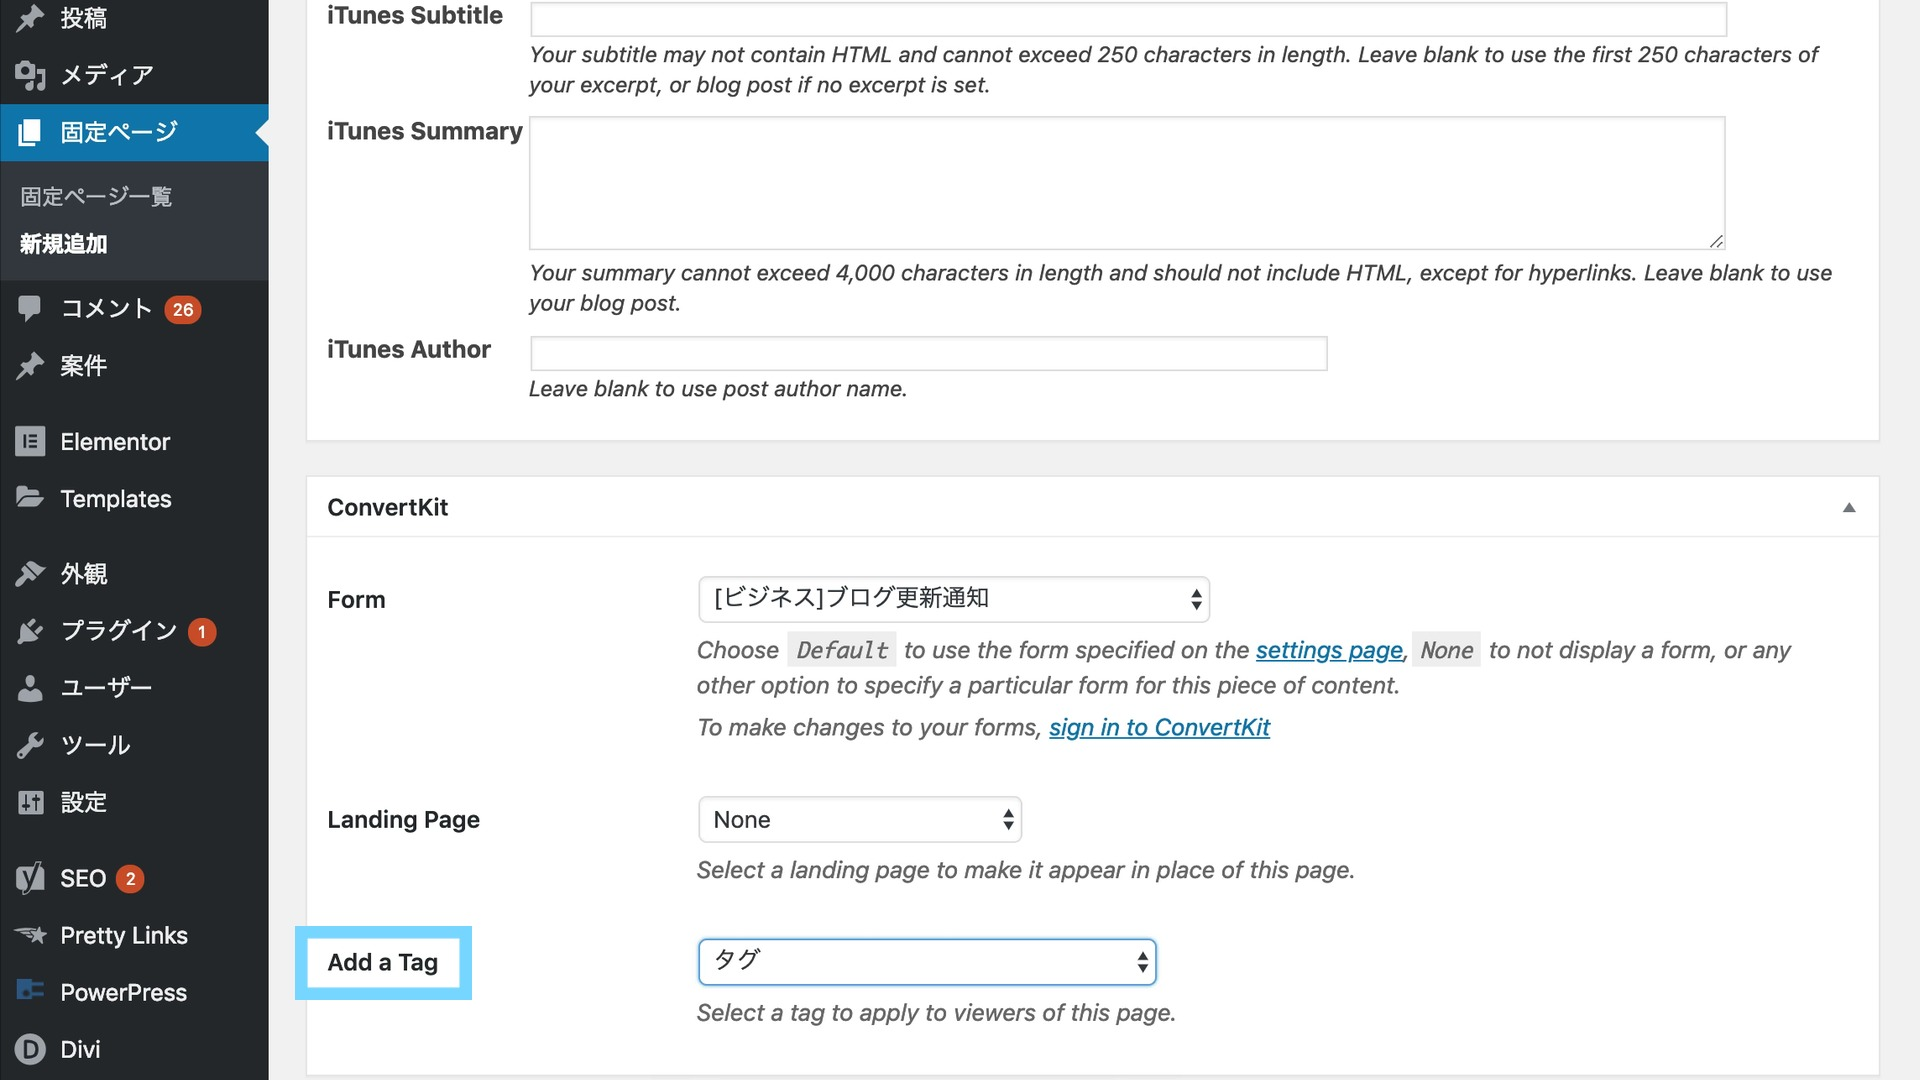 WordPressのプラグインでConvertKitのタグを設定する方法